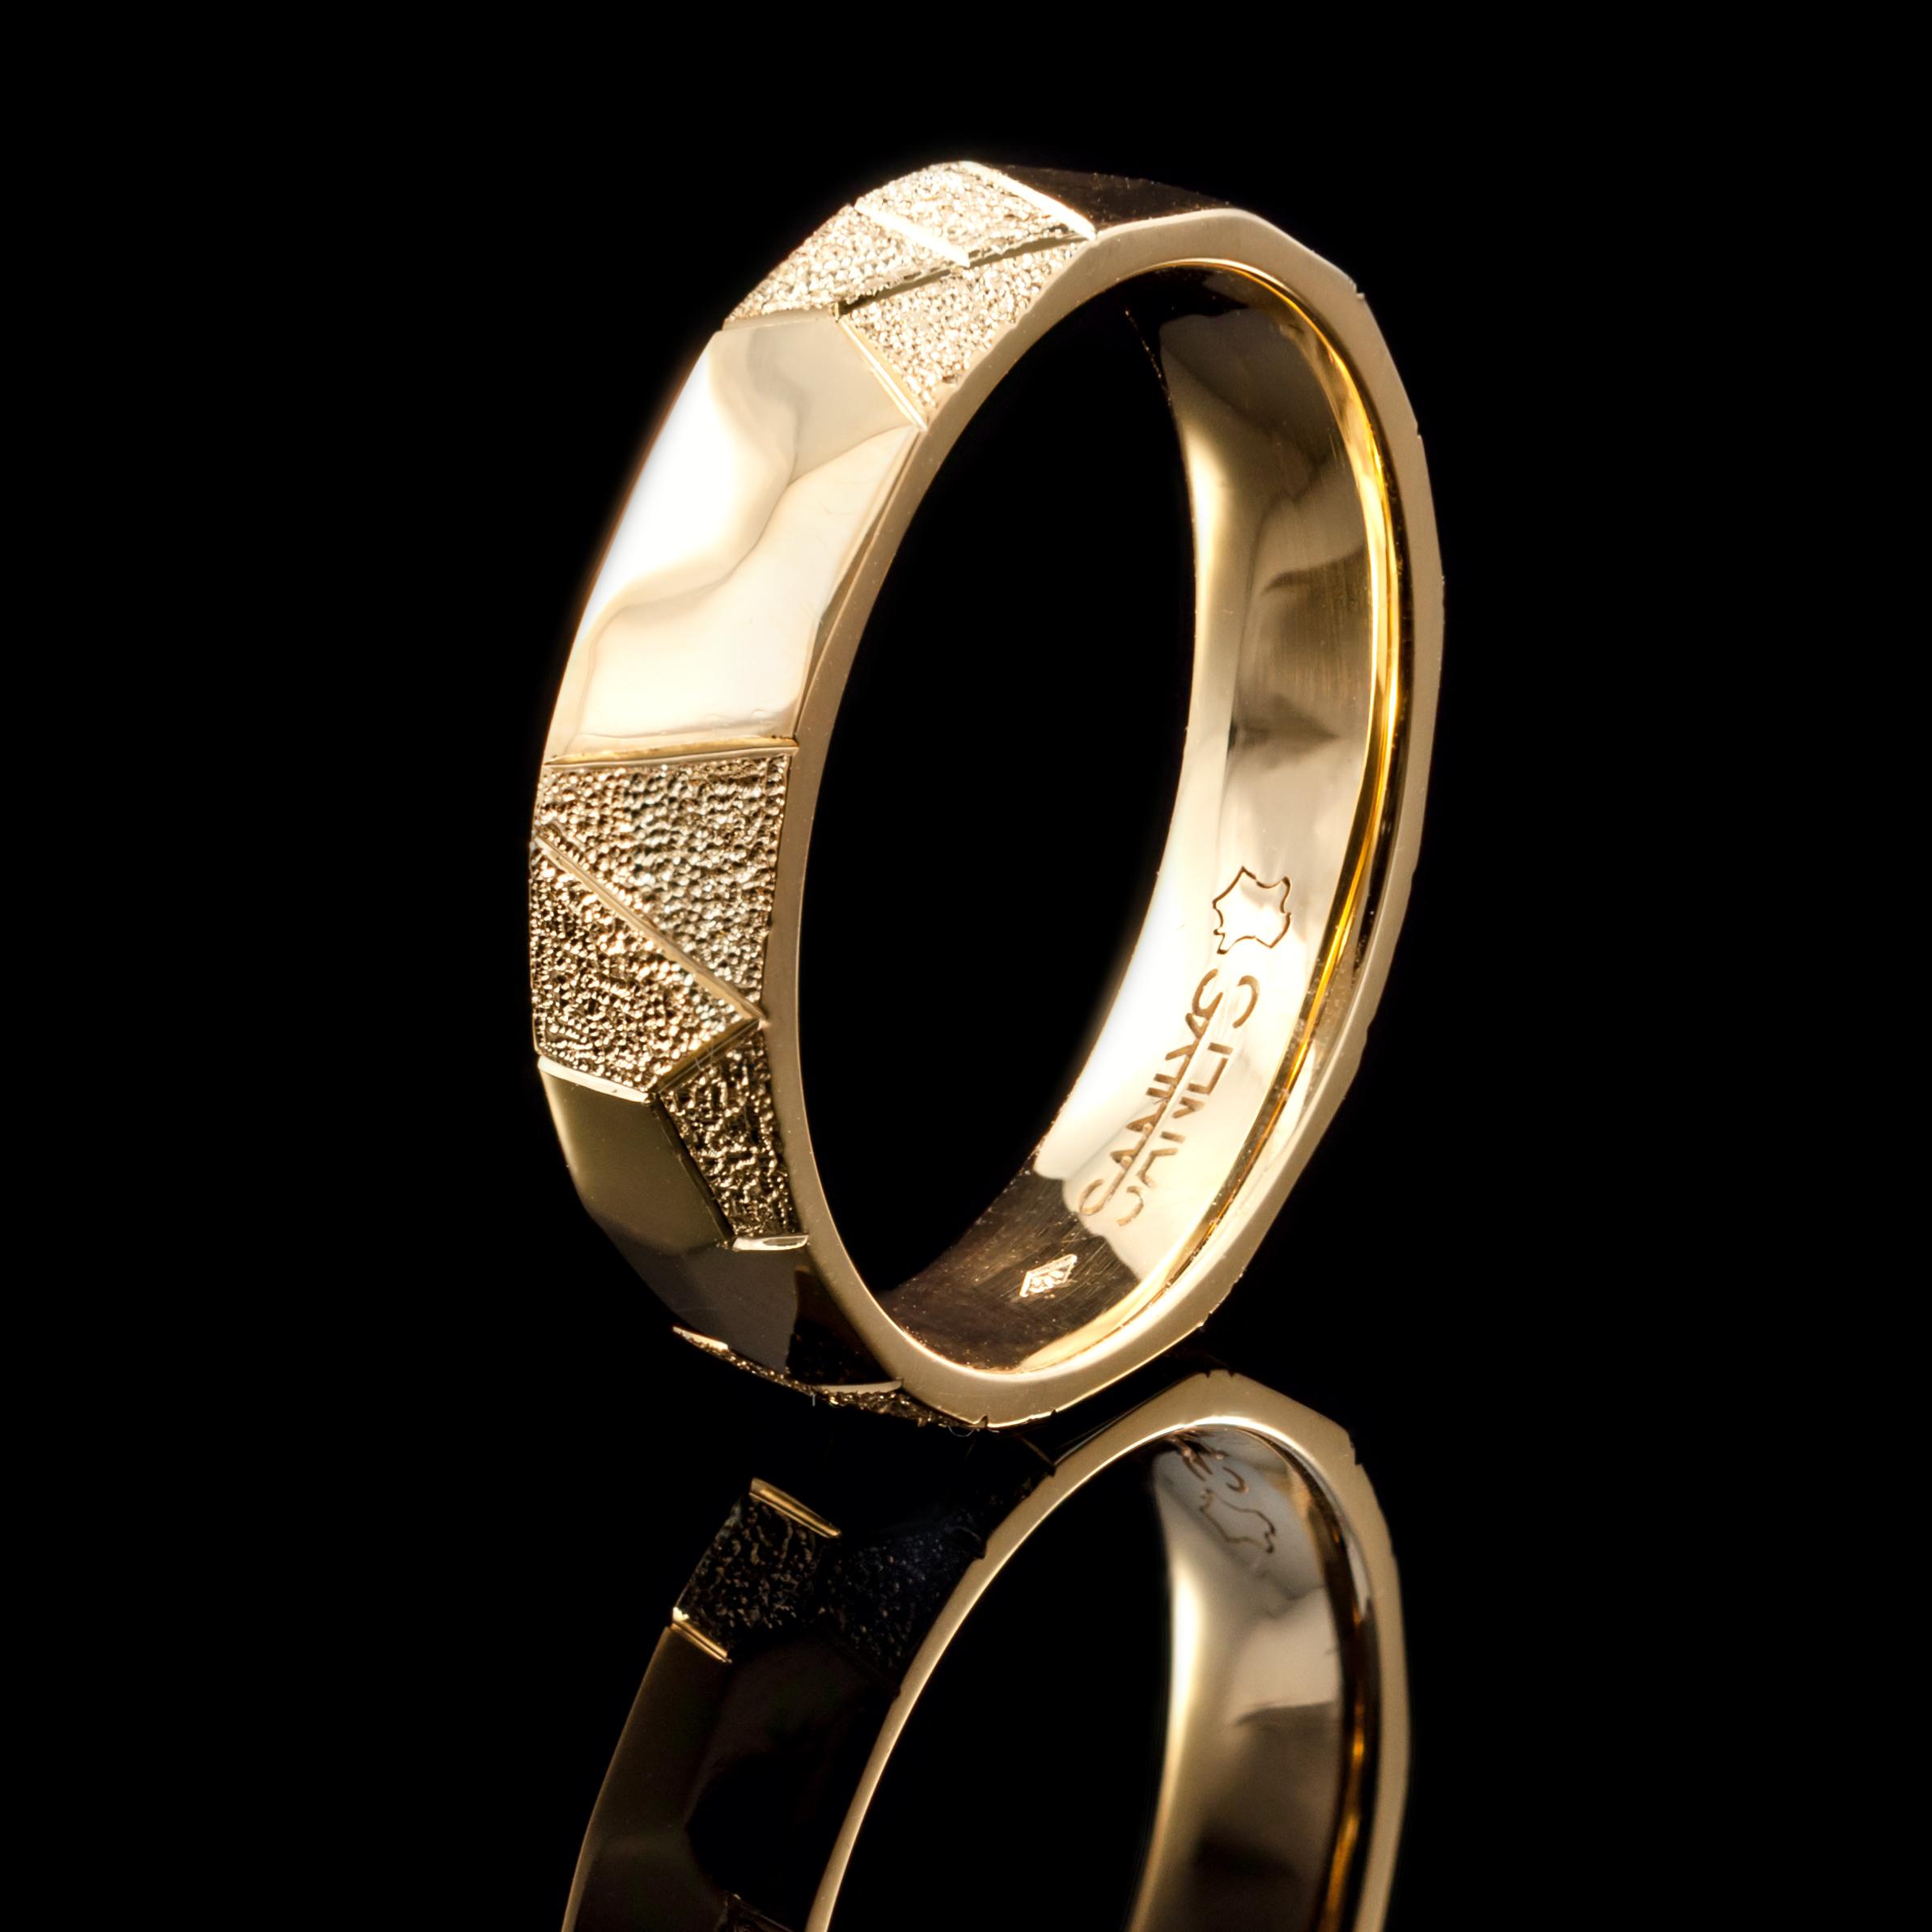 Les alliances sont réalisées notamment en or et en Palladium 500.